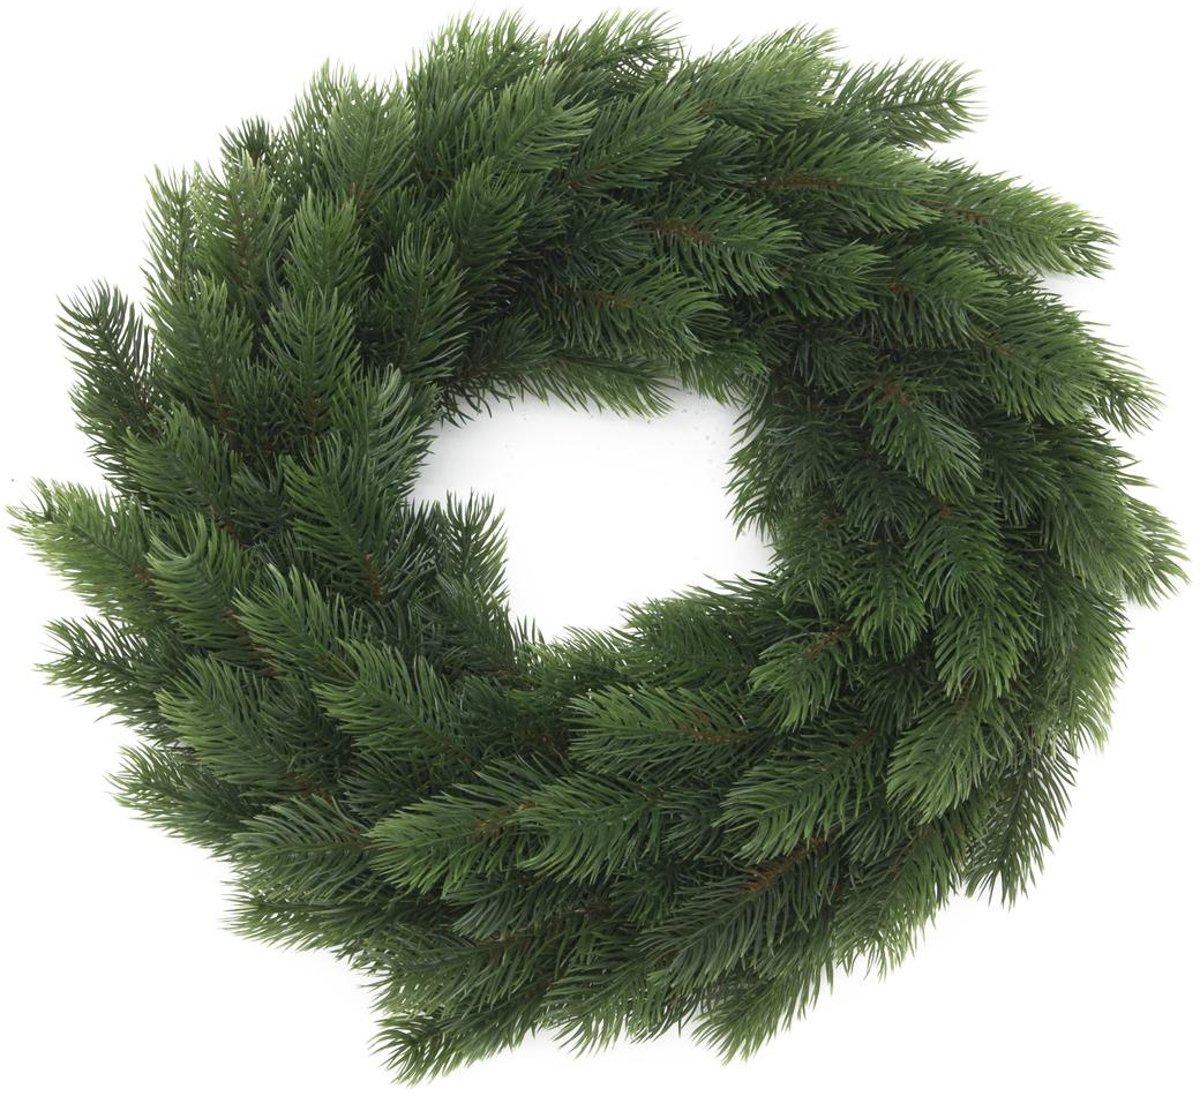 Europalms kerstKrans - kunstplant - 45cm - Groen - Kerstdecoratie kopen